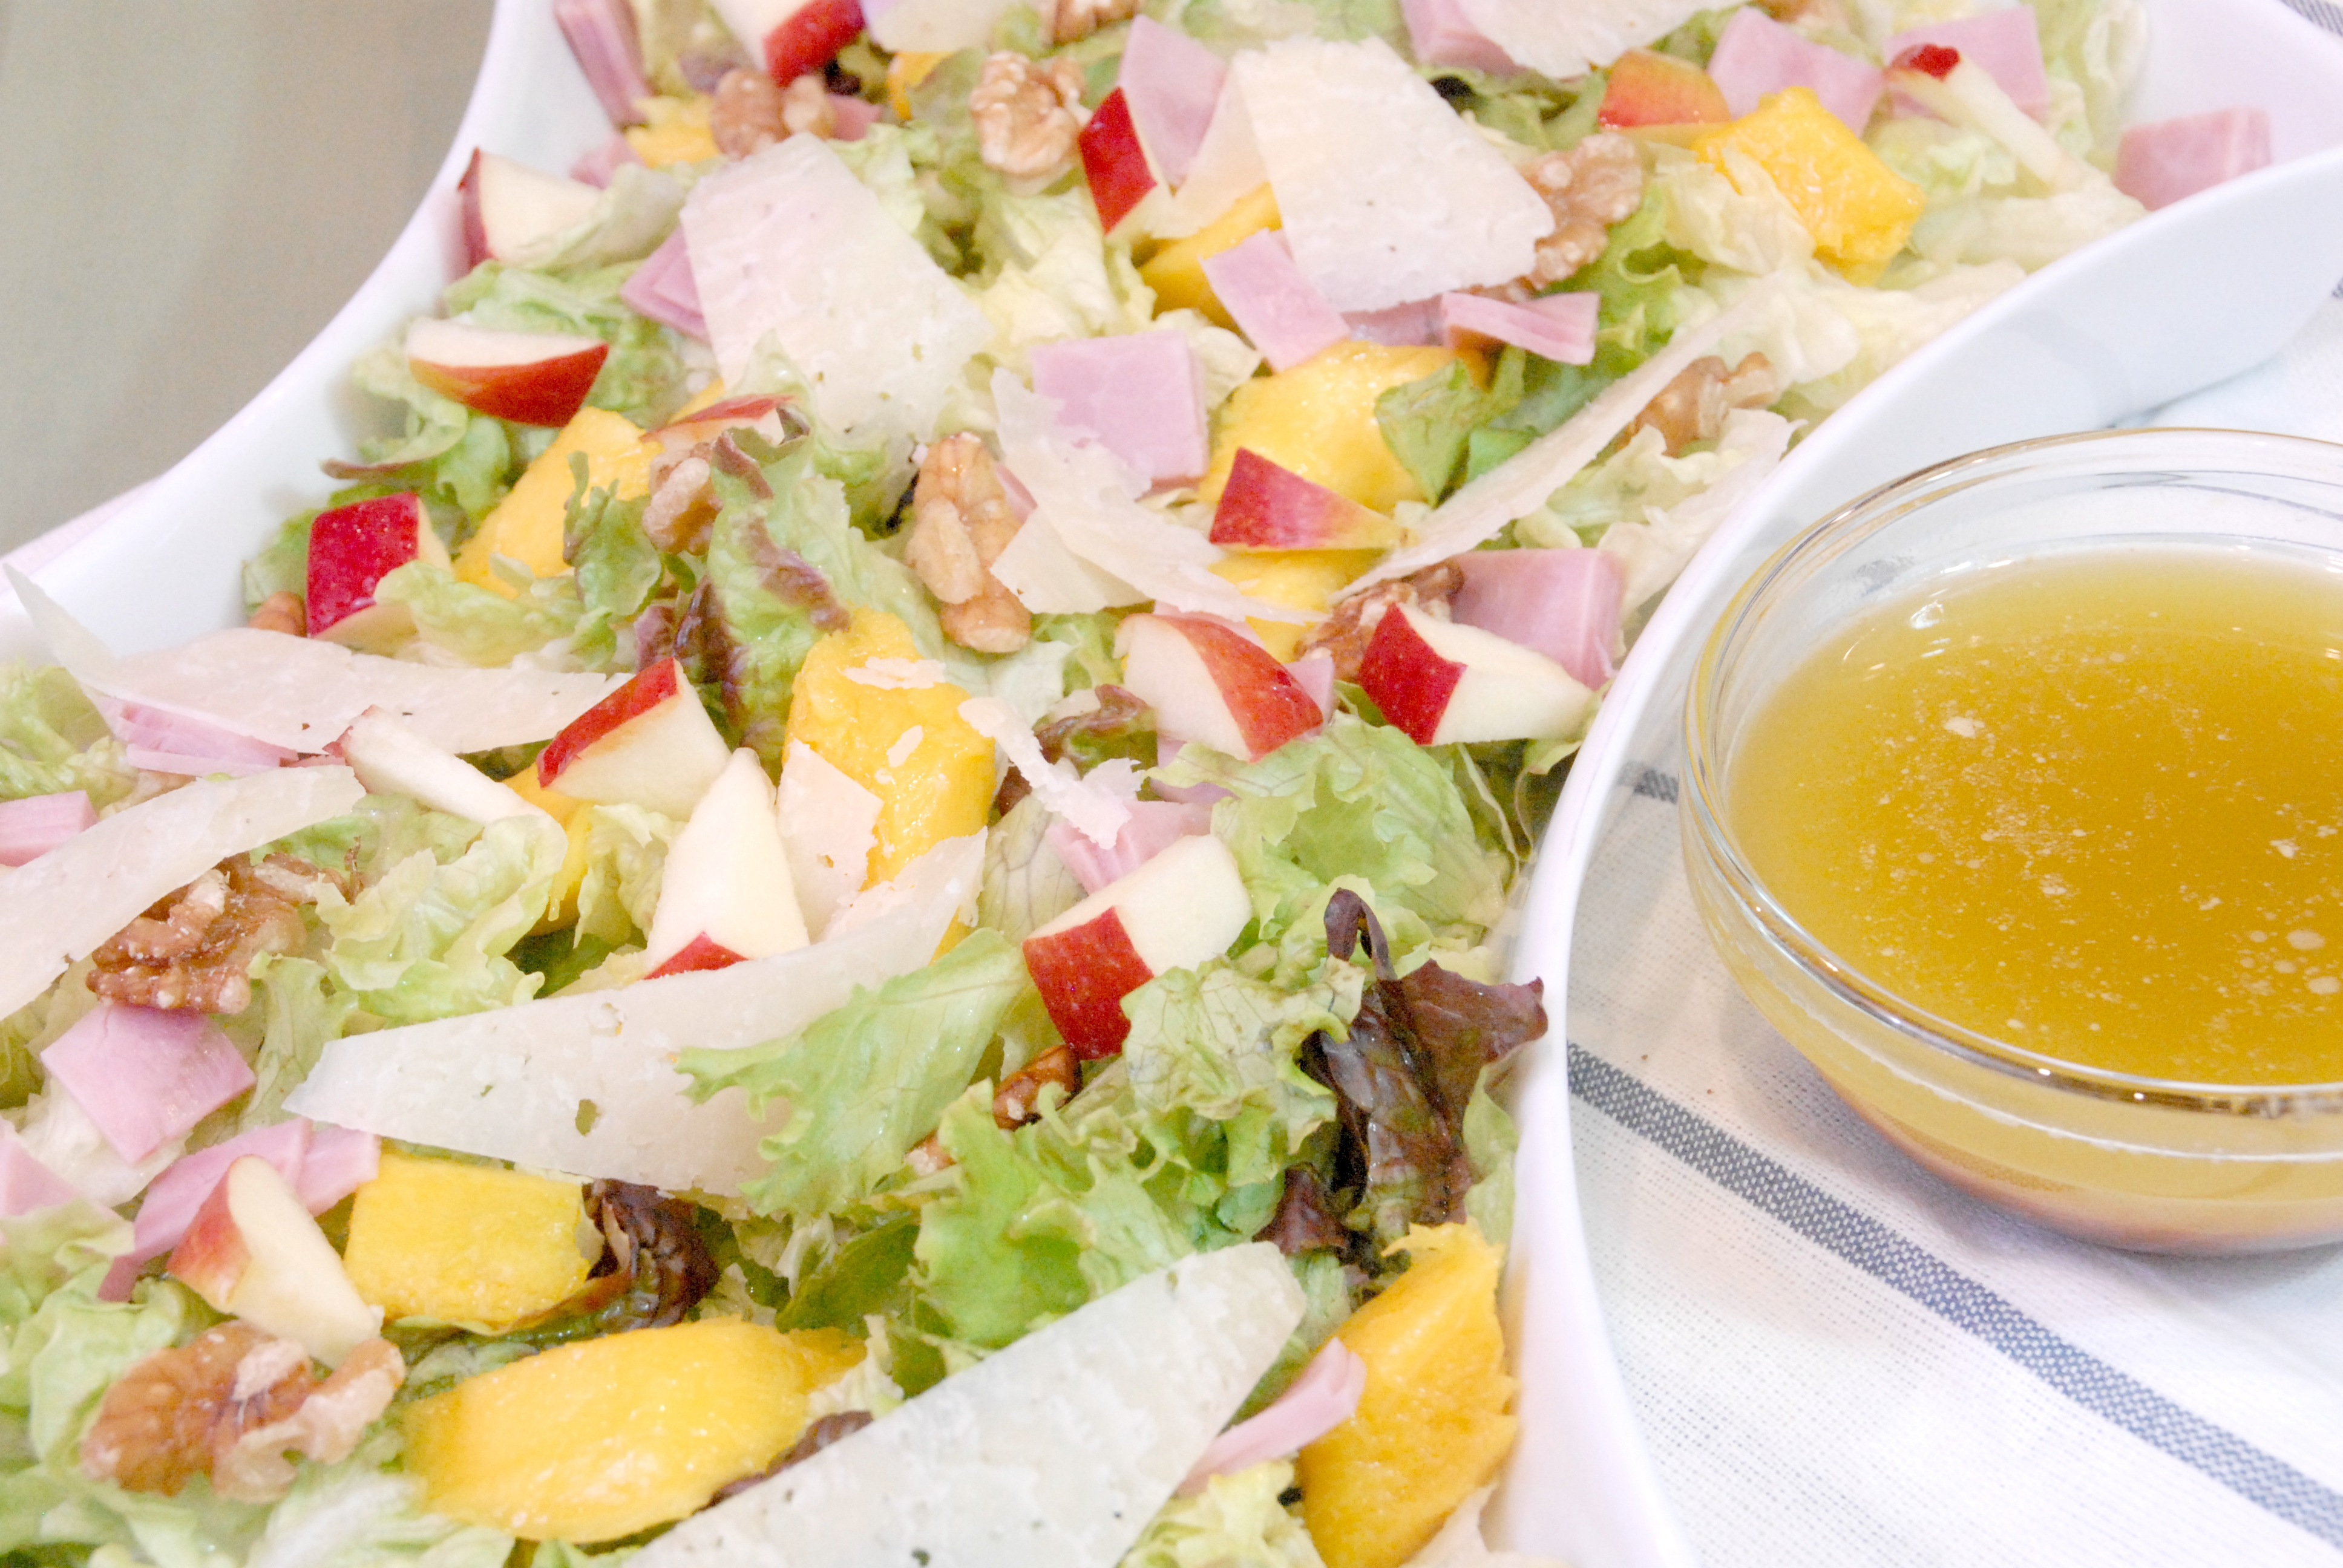 Receta de ensalada de mango, manzana y nueces